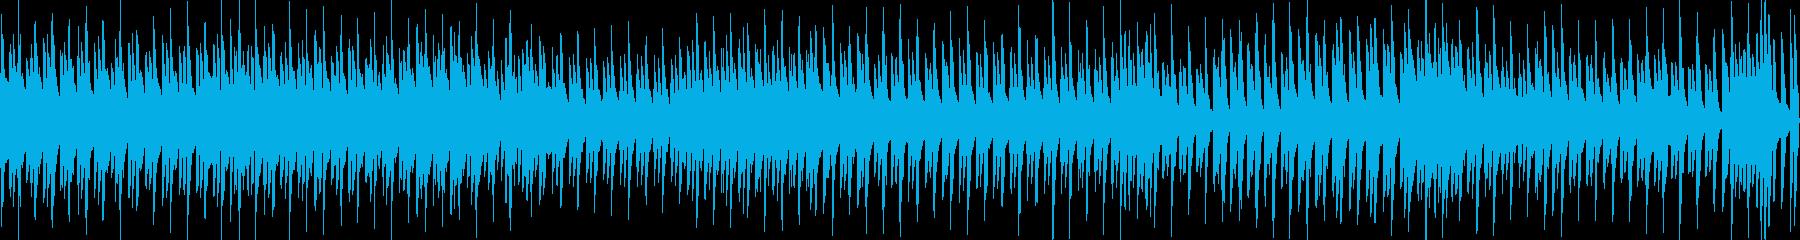 トッカータとフーガ&小フーガ(ループ)の再生済みの波形